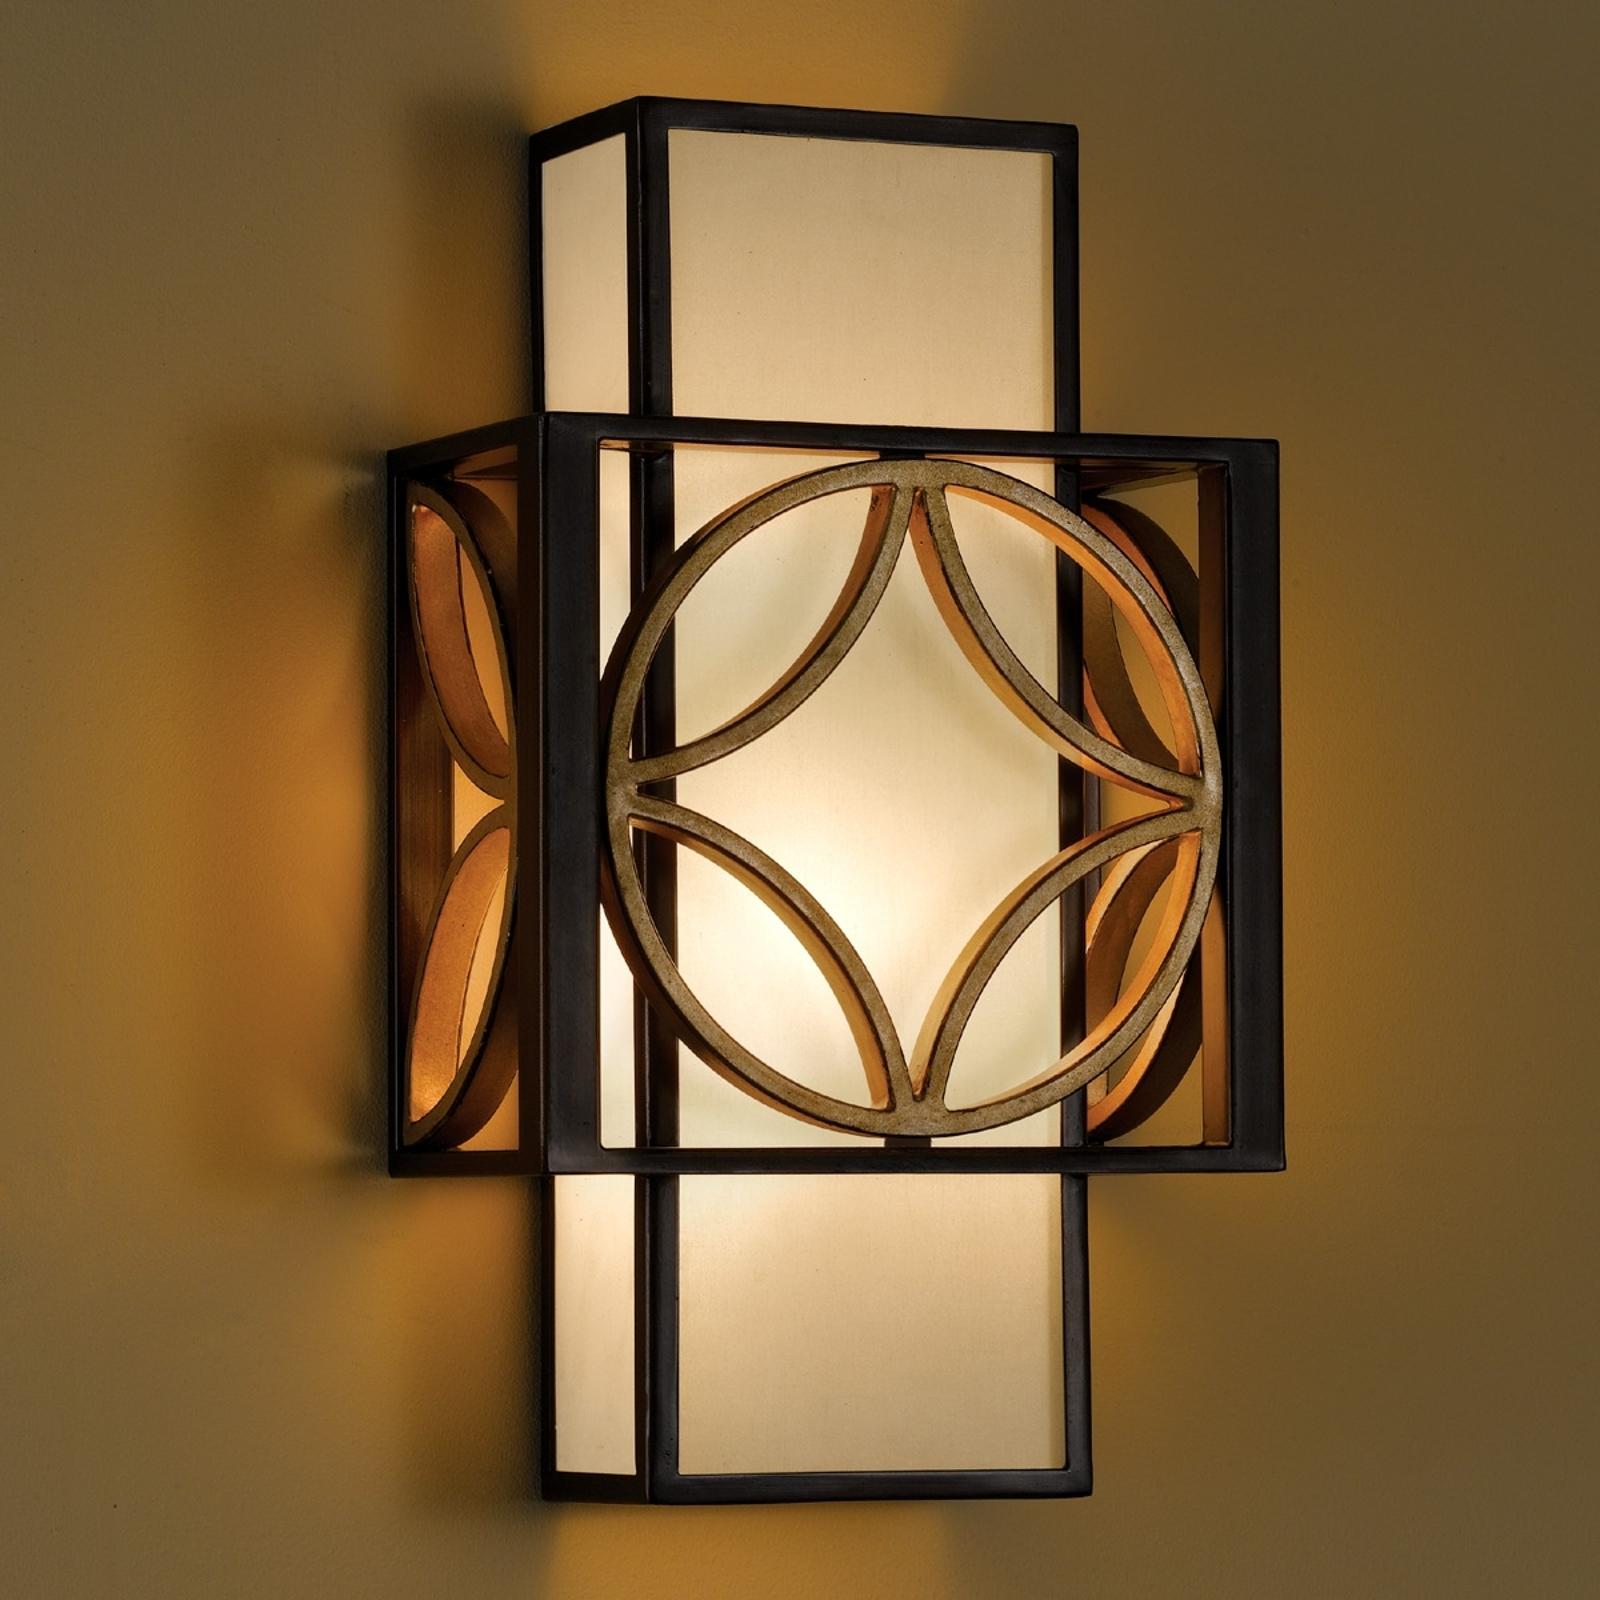 Remy Wall Light Modern_3048082_1